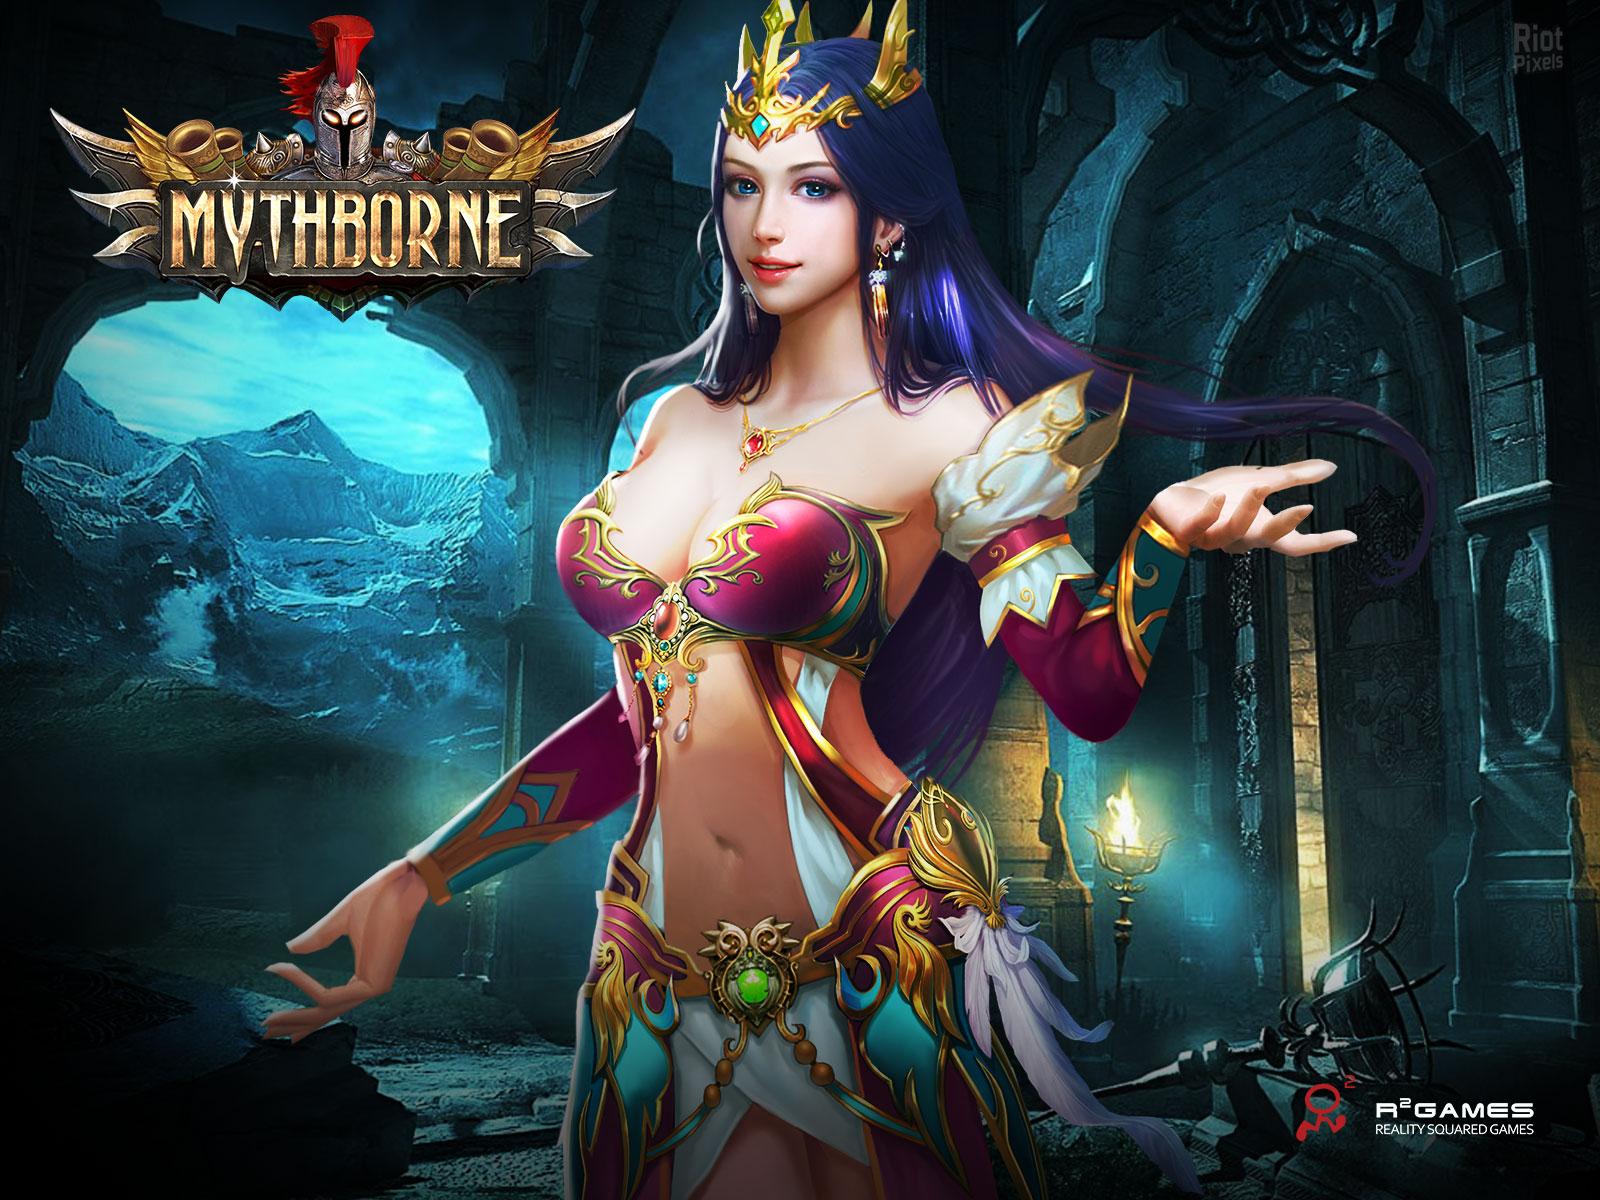 Les déesses grecques de Mythborne